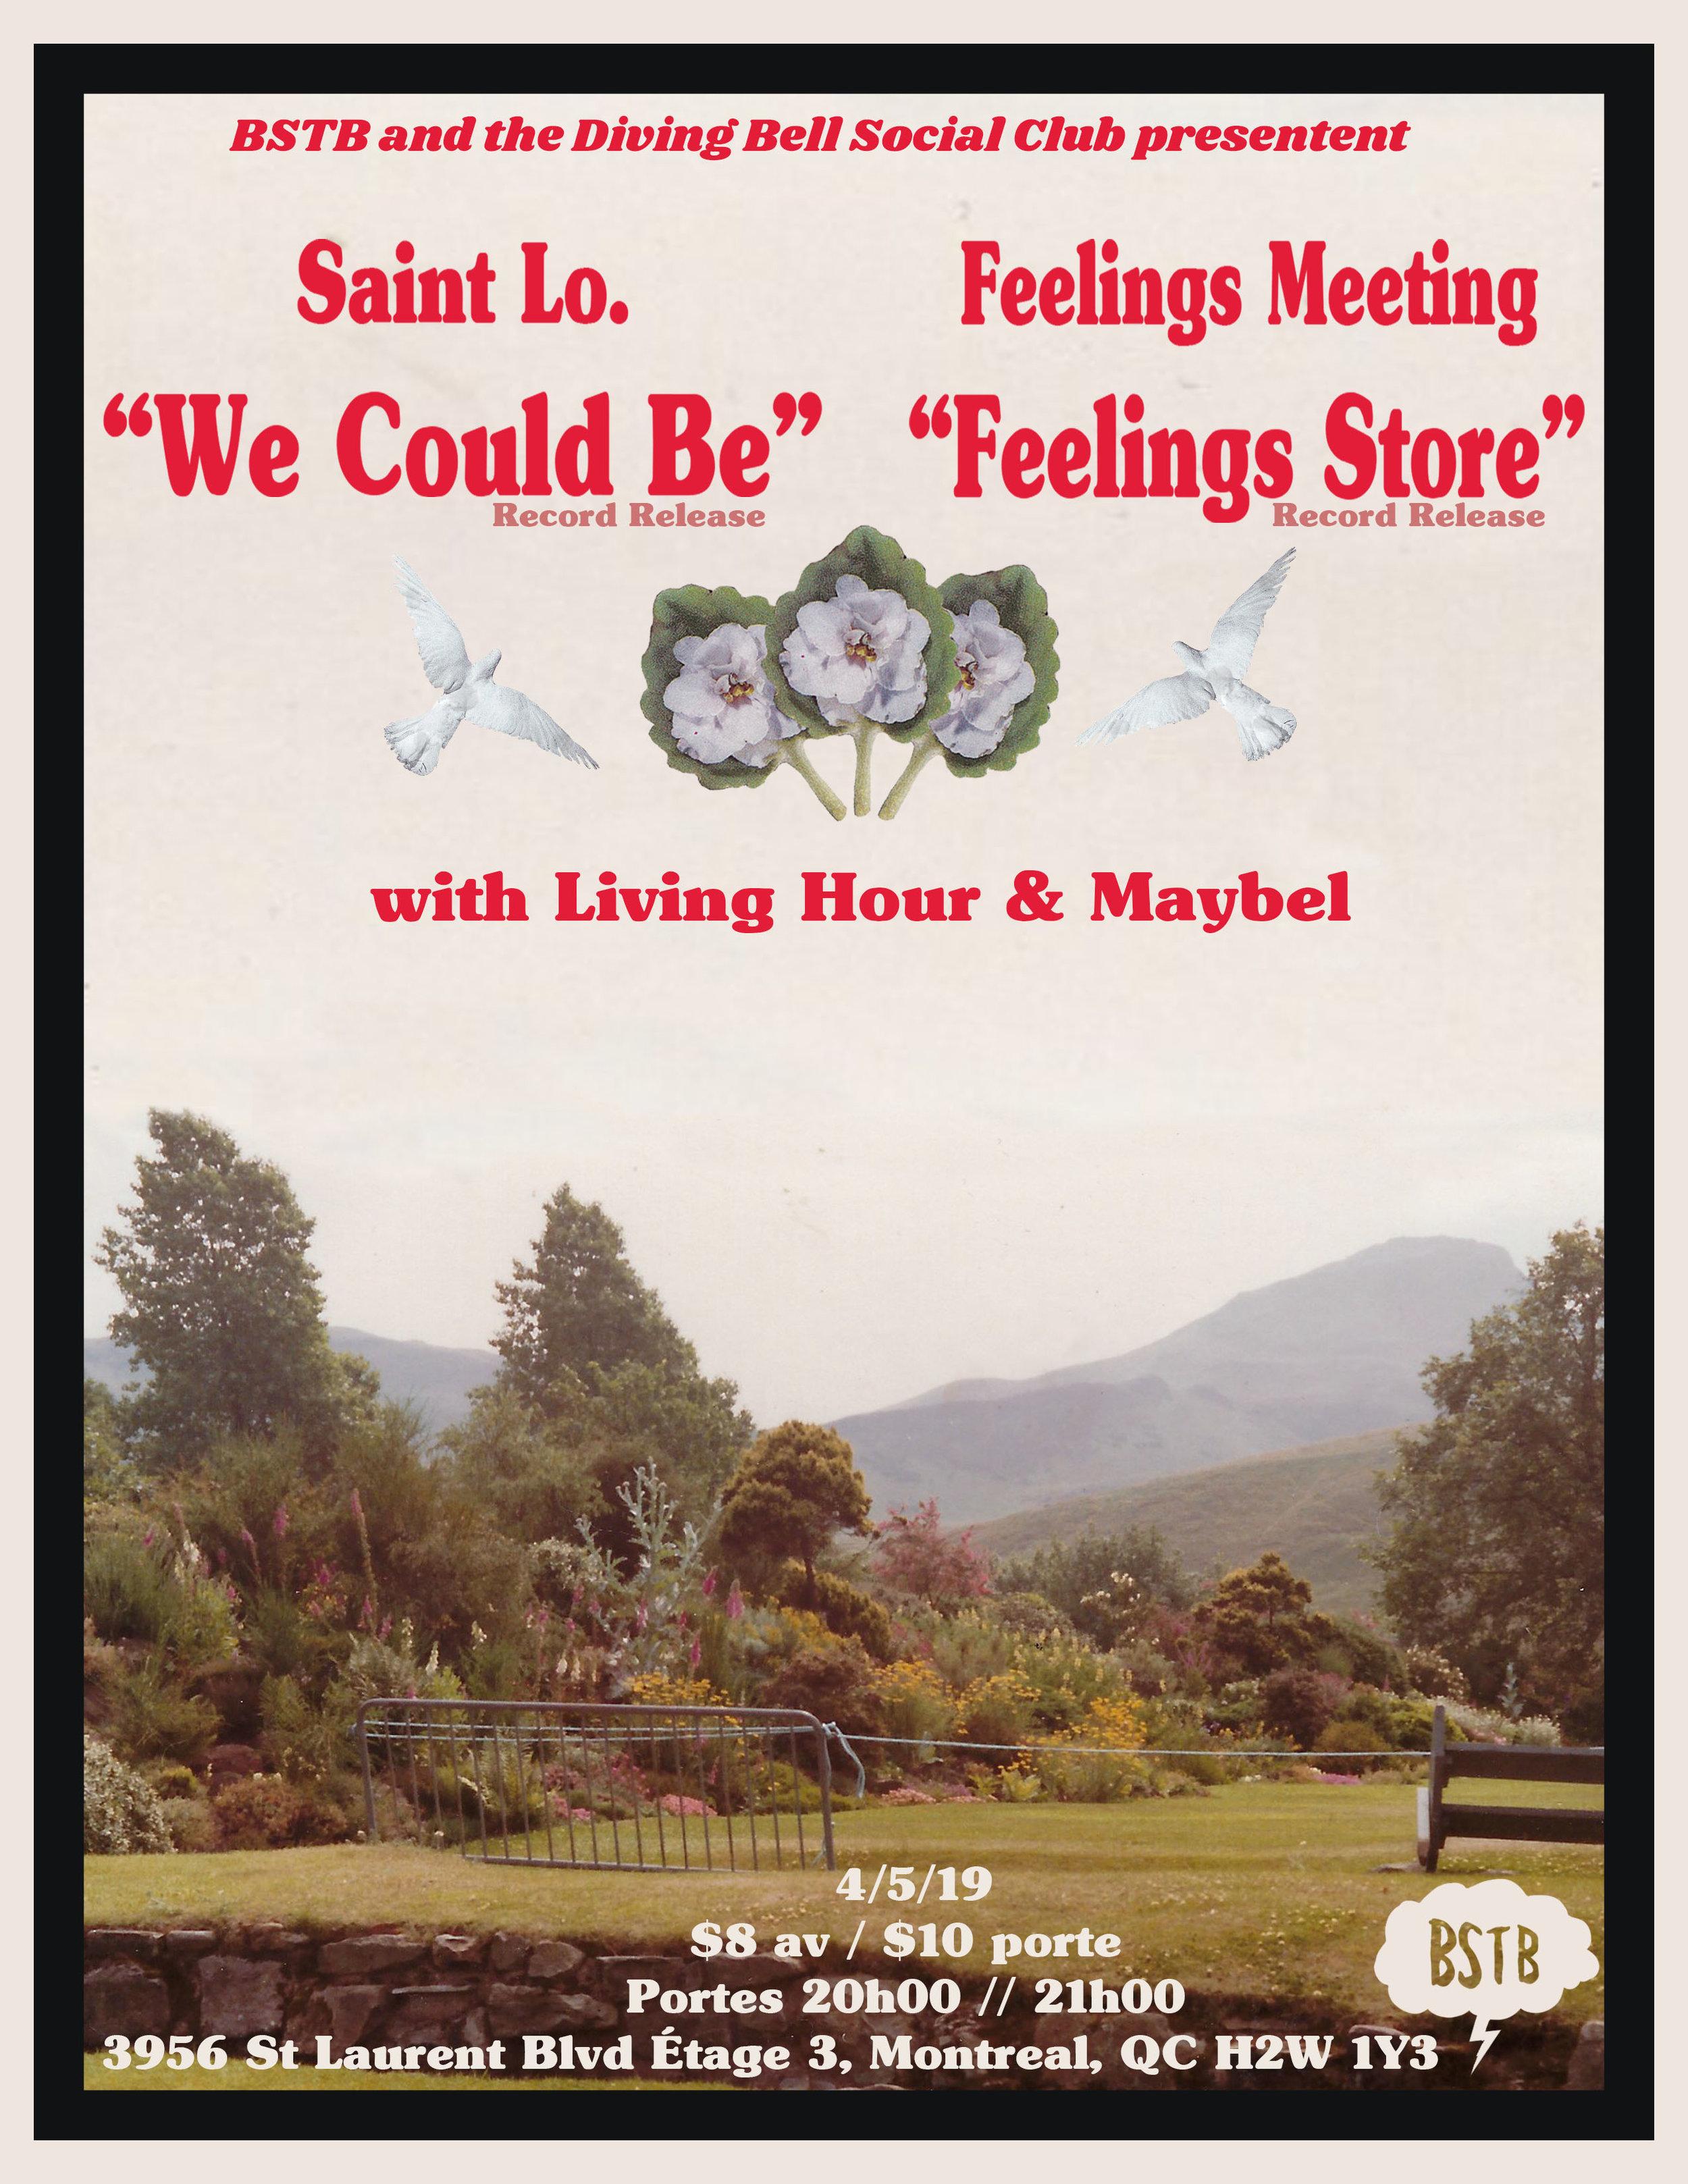 St Lo Feelings Meeting.jpg